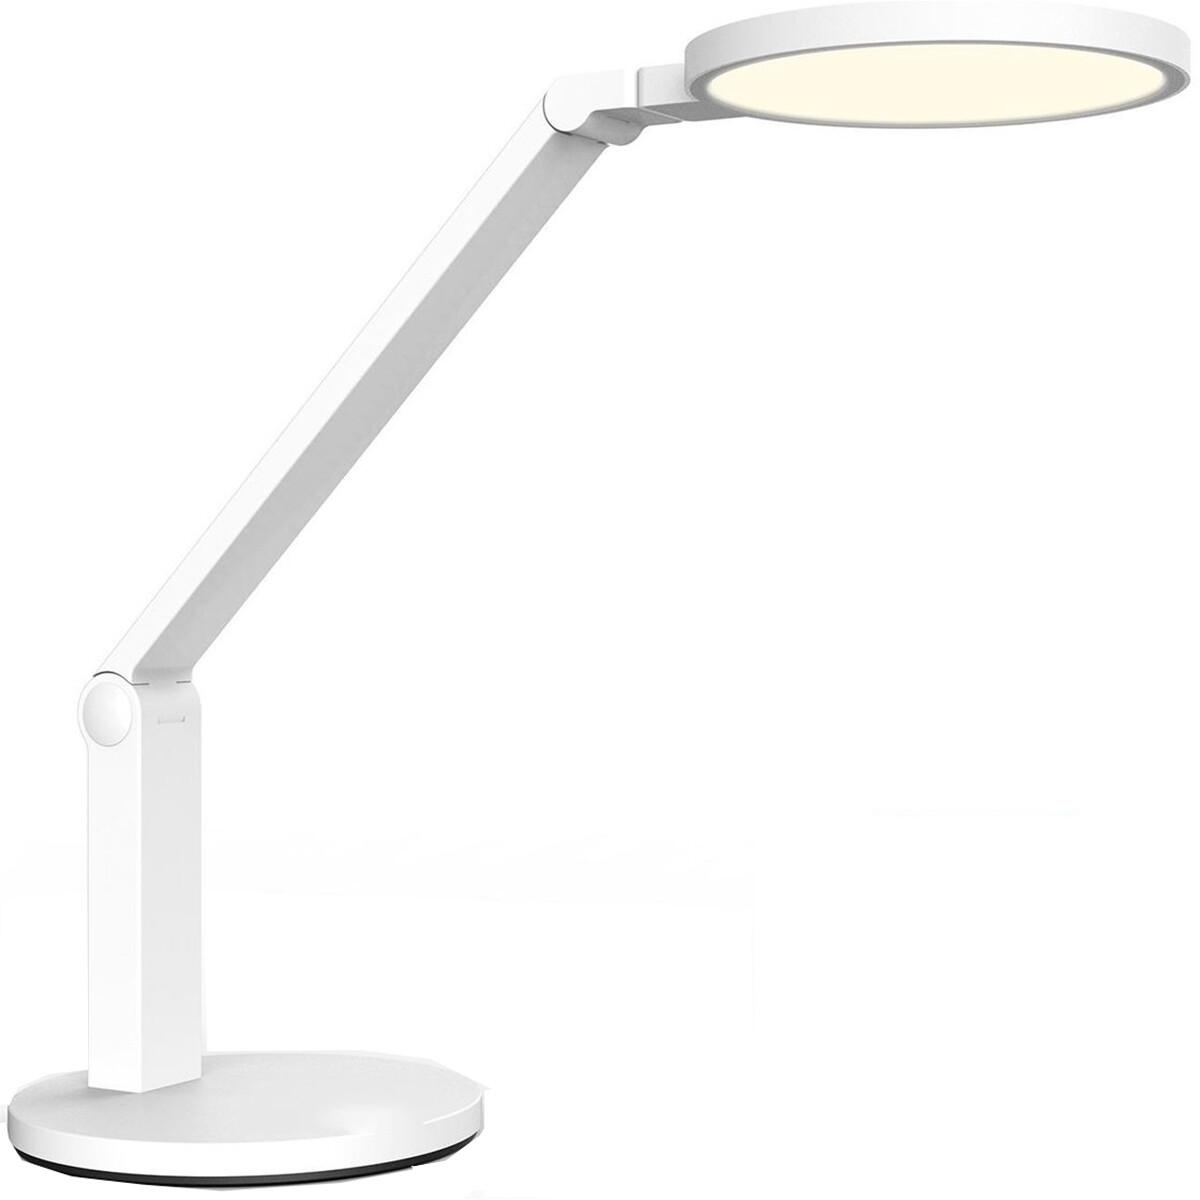 LED Tafellamp - Tafelverlichting - Aigi Unova - 15W - Natuurlijk Wit 4000K - Dimbaar - Rond - Mat Wit - Kunststof